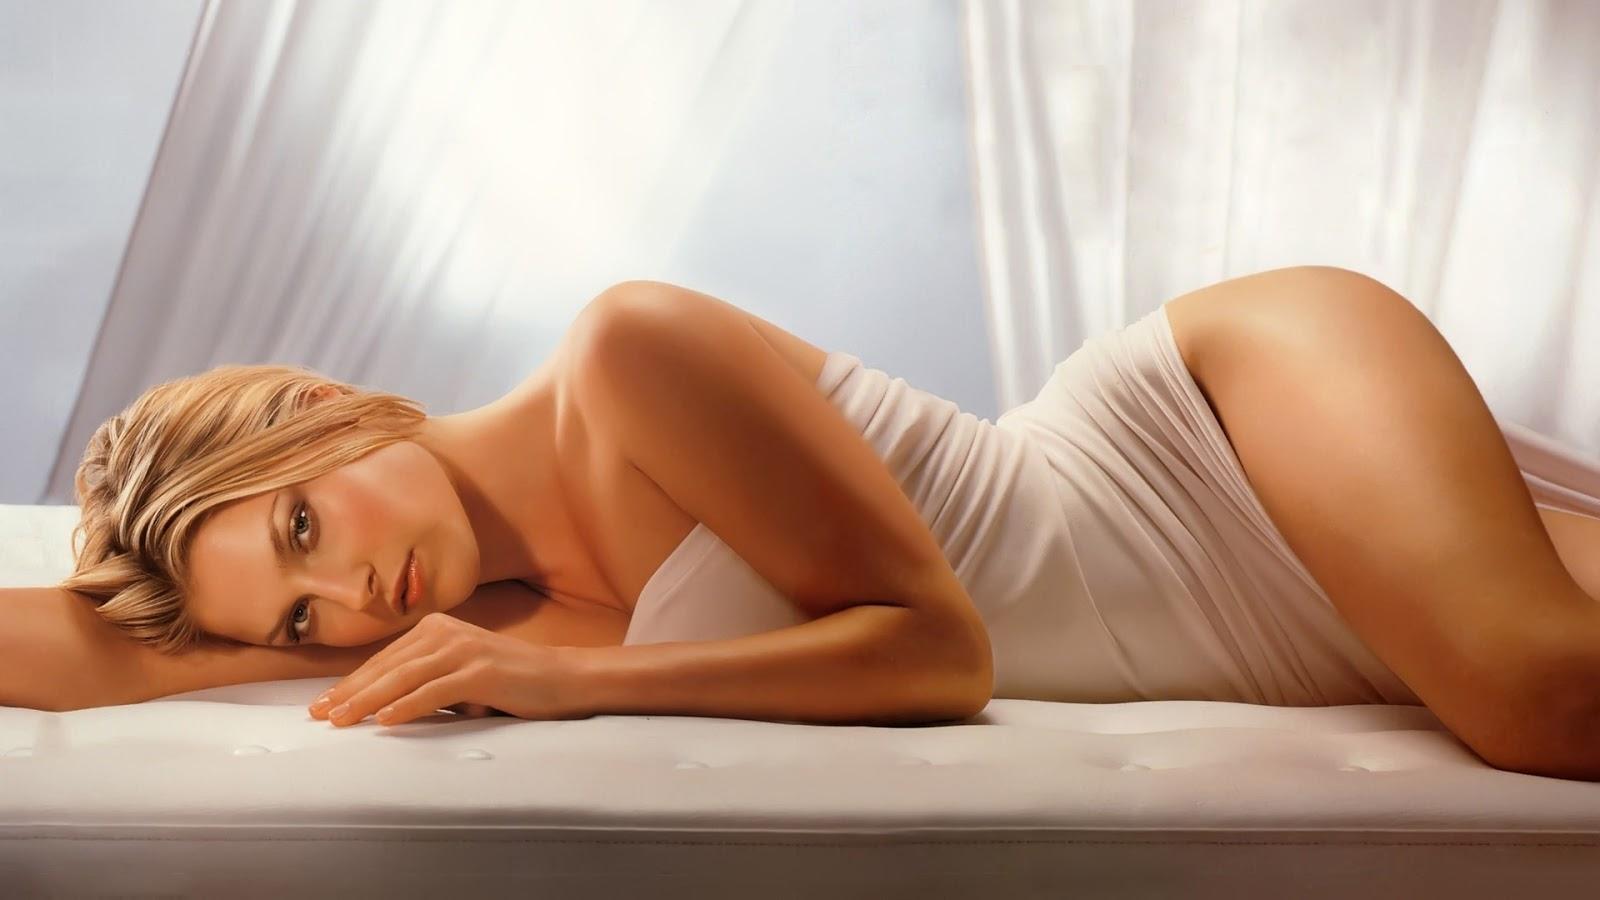 Ali Larter Profile And Hot HD Wallpaper